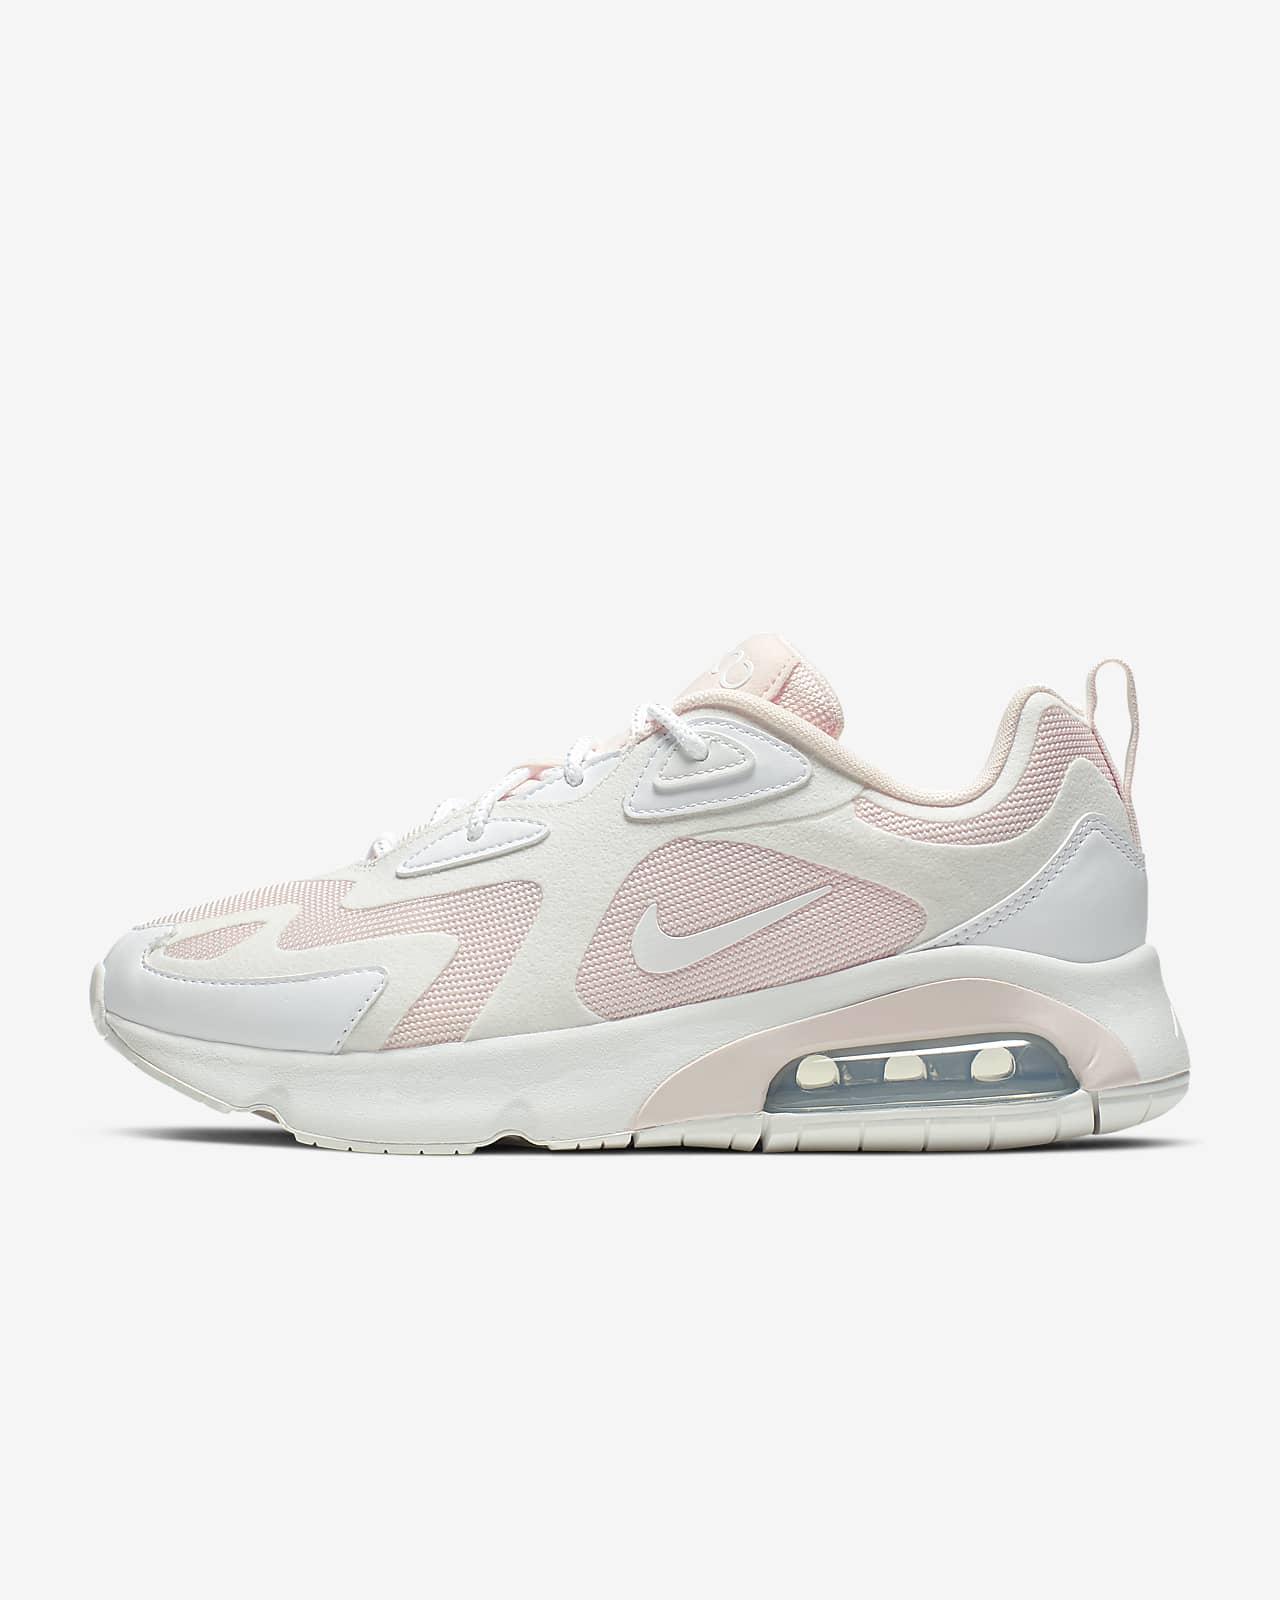 Nike Air Max 200 Women's Shoe. Nike LU